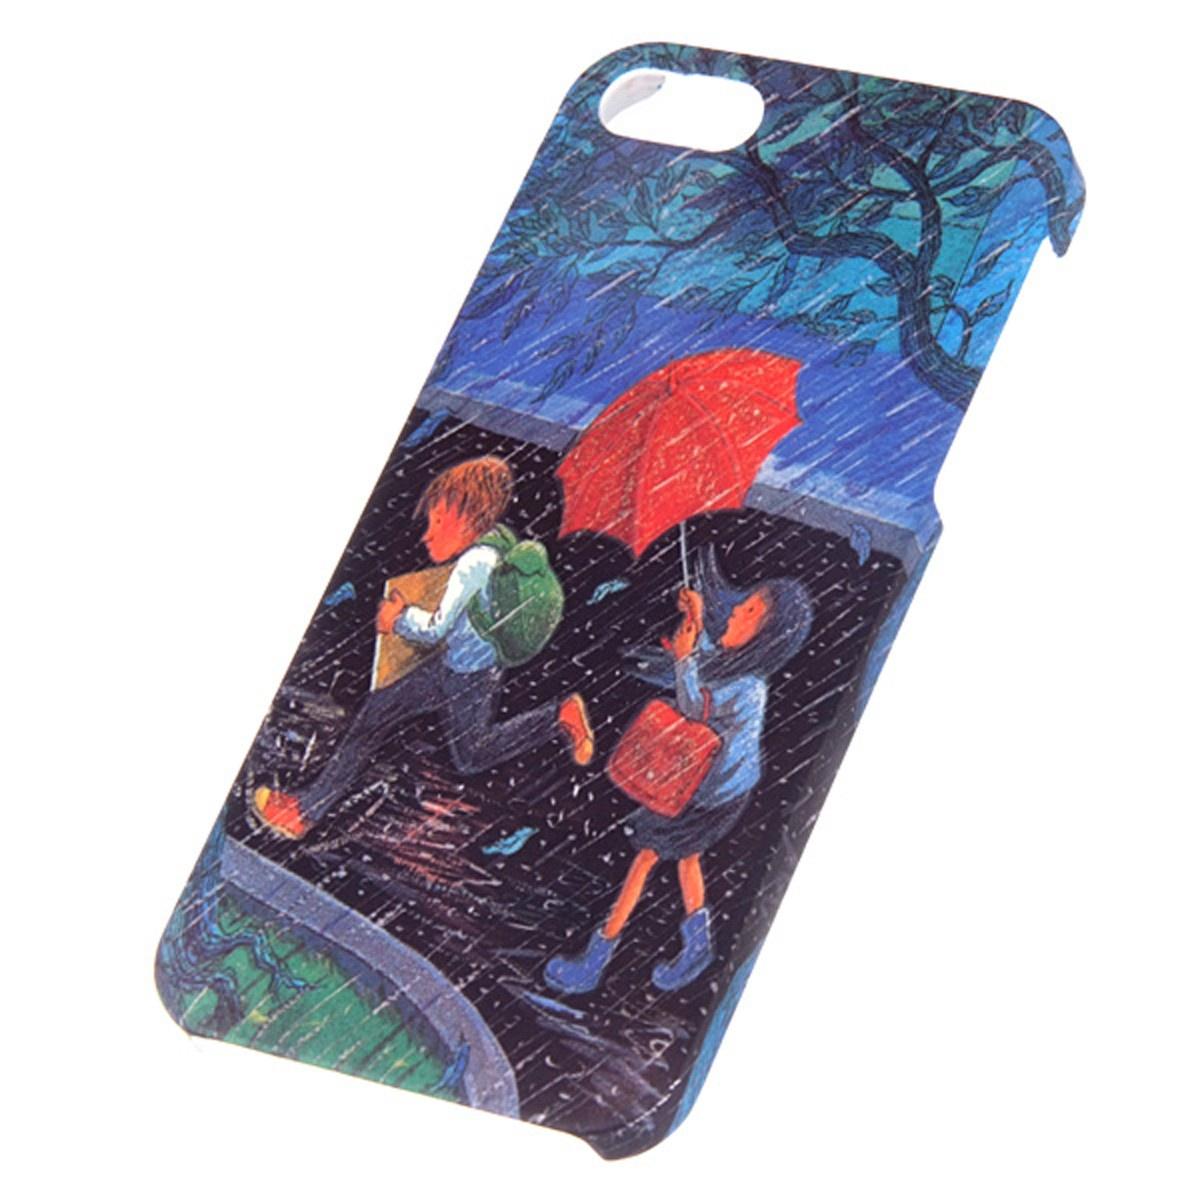 Чехол Mitya Veselkov KAFKA для IPhone 5, KAFKAFIVE-35, черный, синий, красный цена и фото